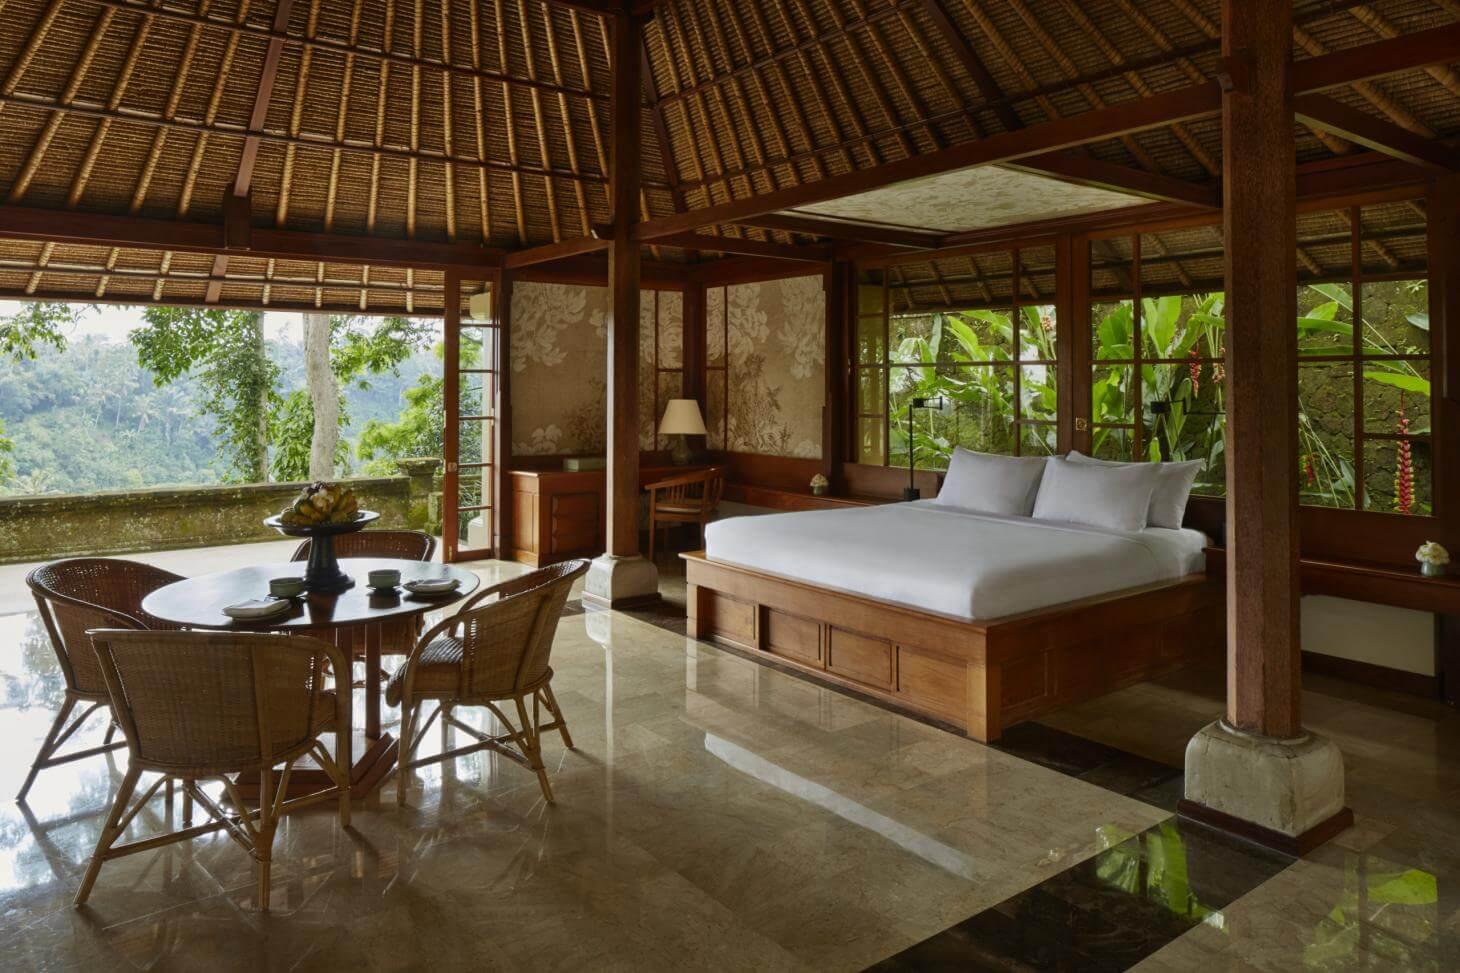 Nội thất bằng gỗ trang trí Resort